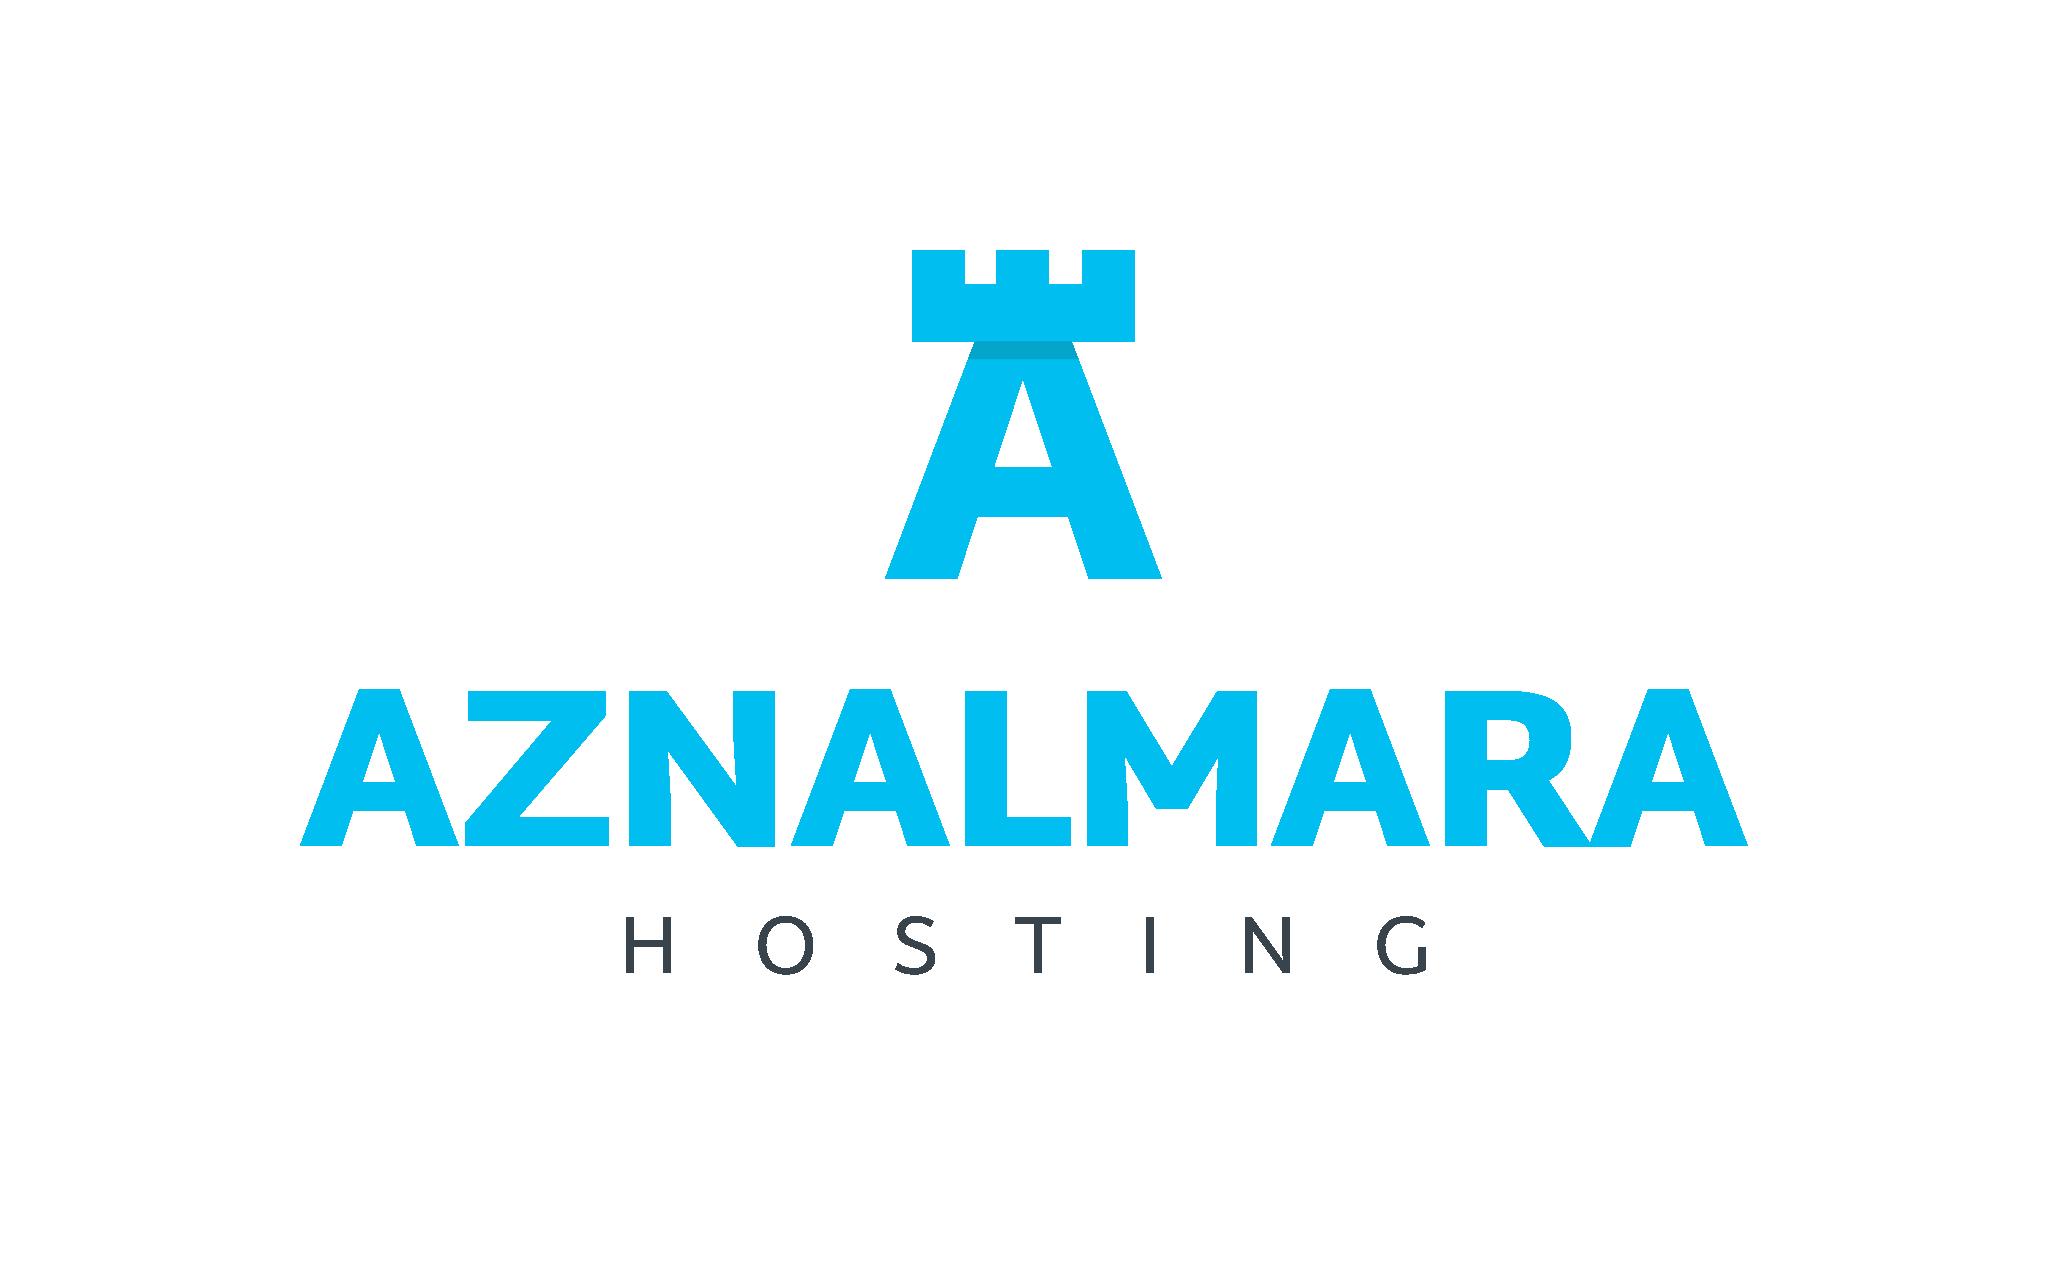 LOGO_VERTICAL_AZNALMARA®_HOSTING_AZUL_FONDO_TRANSPARENTE